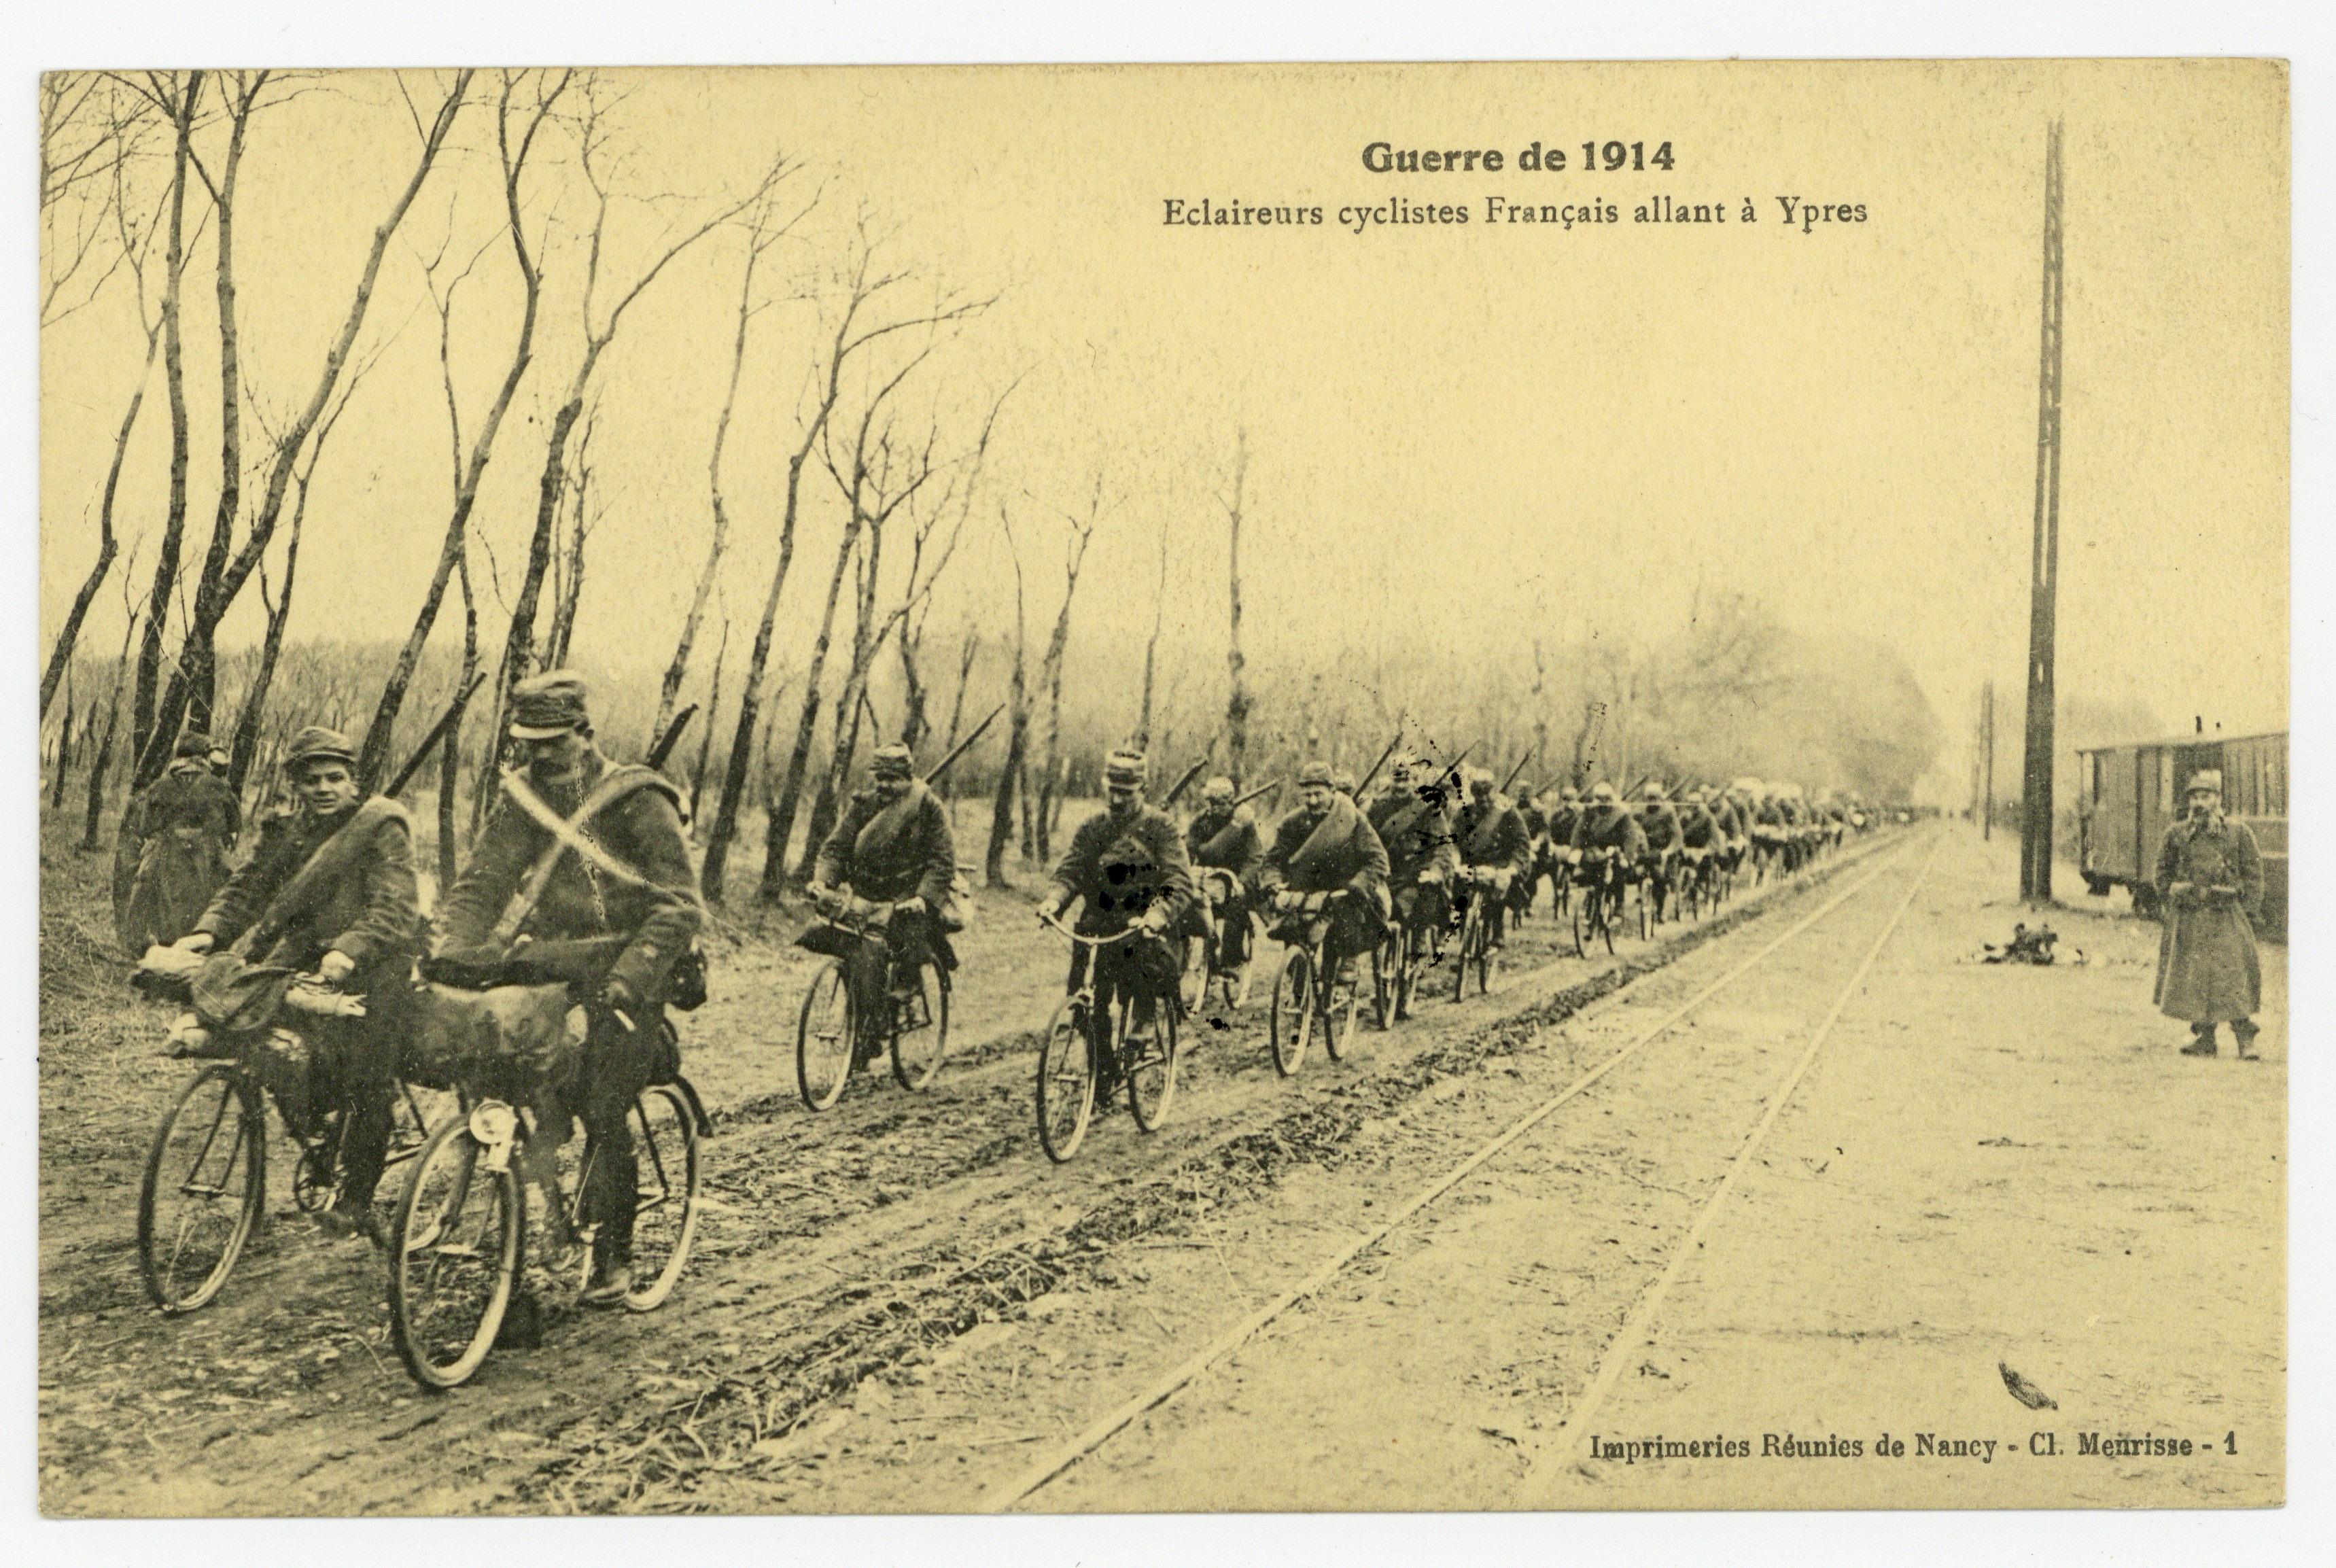 Contenu du Éclaireurs cyclistes Français allant à Ypres, guerre de 1914